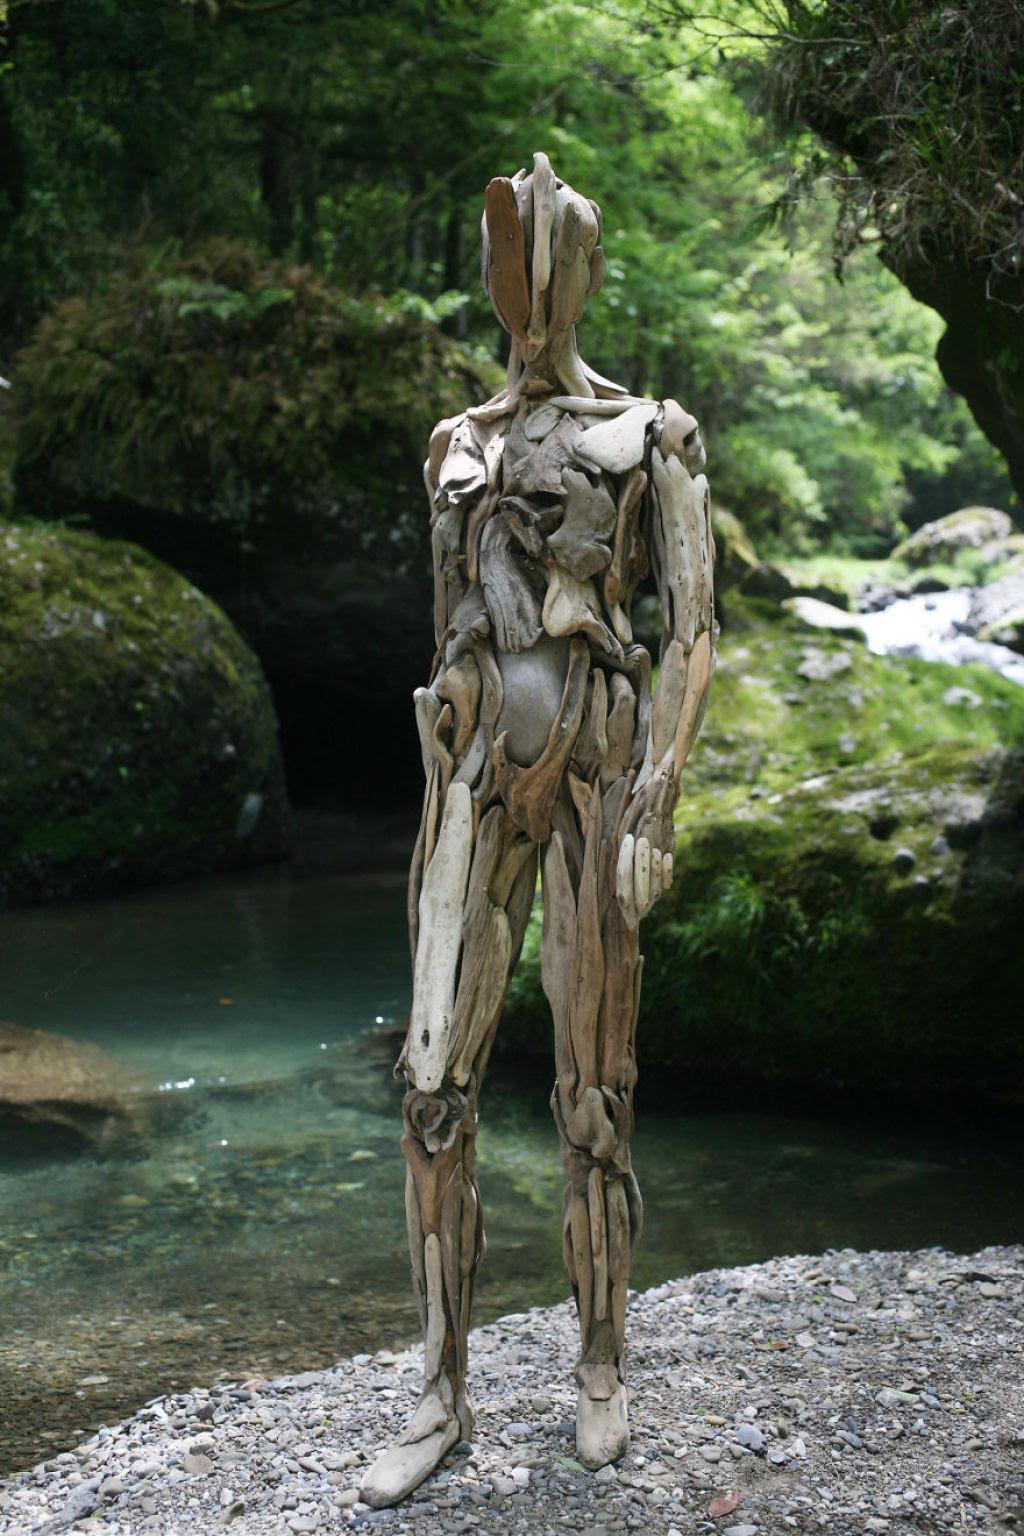 As inquietantes esculturas feitas com detrito de madeira no meio de bosque pelo japonês Nagato Iwasaki 04